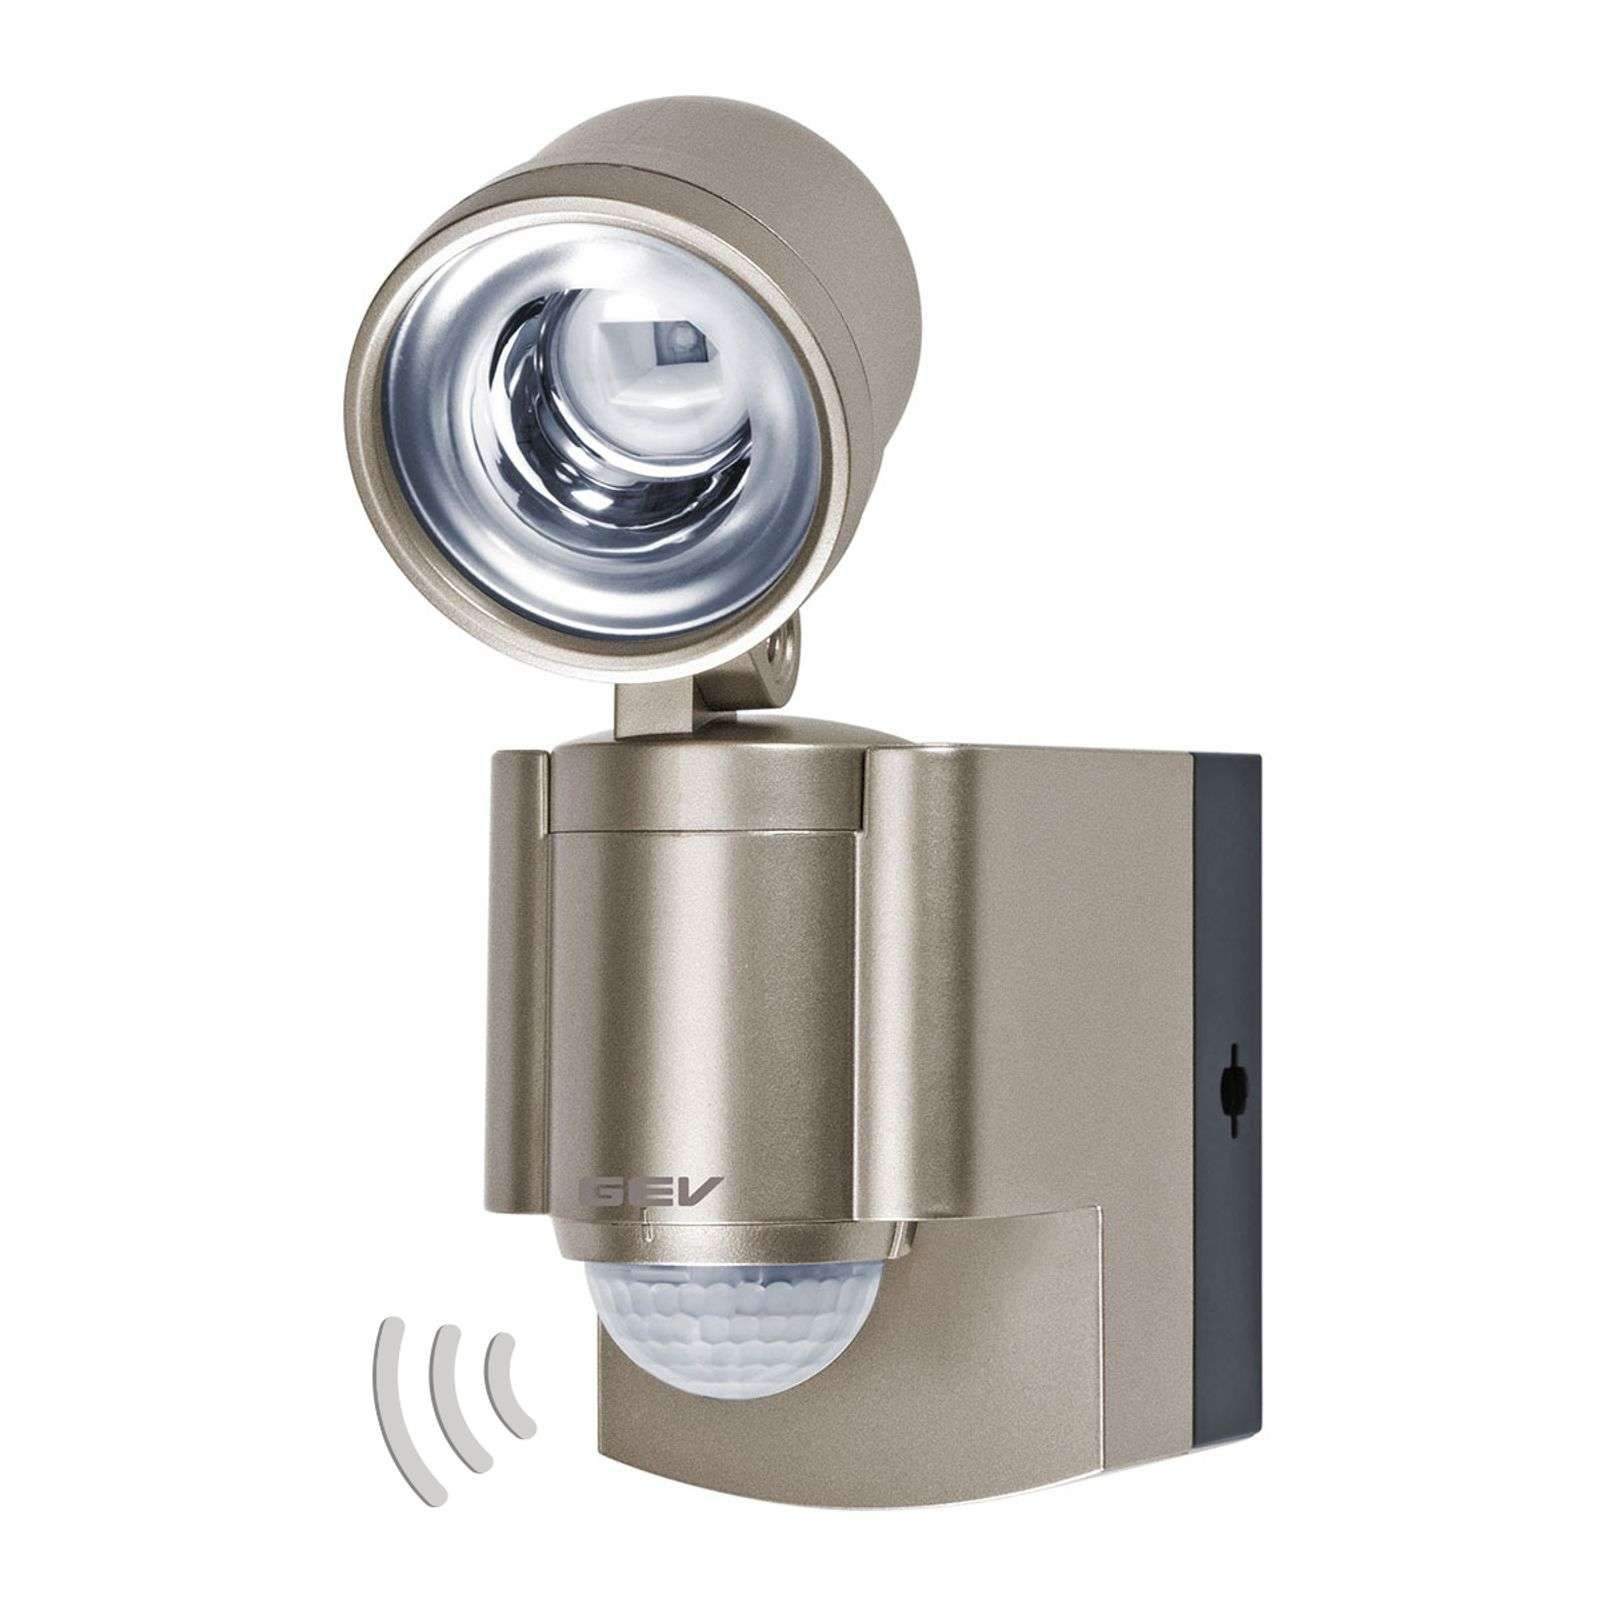 Led Spot Lll 140 M Bew Batterij Aandrijving Detecteur De Mouvement Led Projecteur Led Exterieur